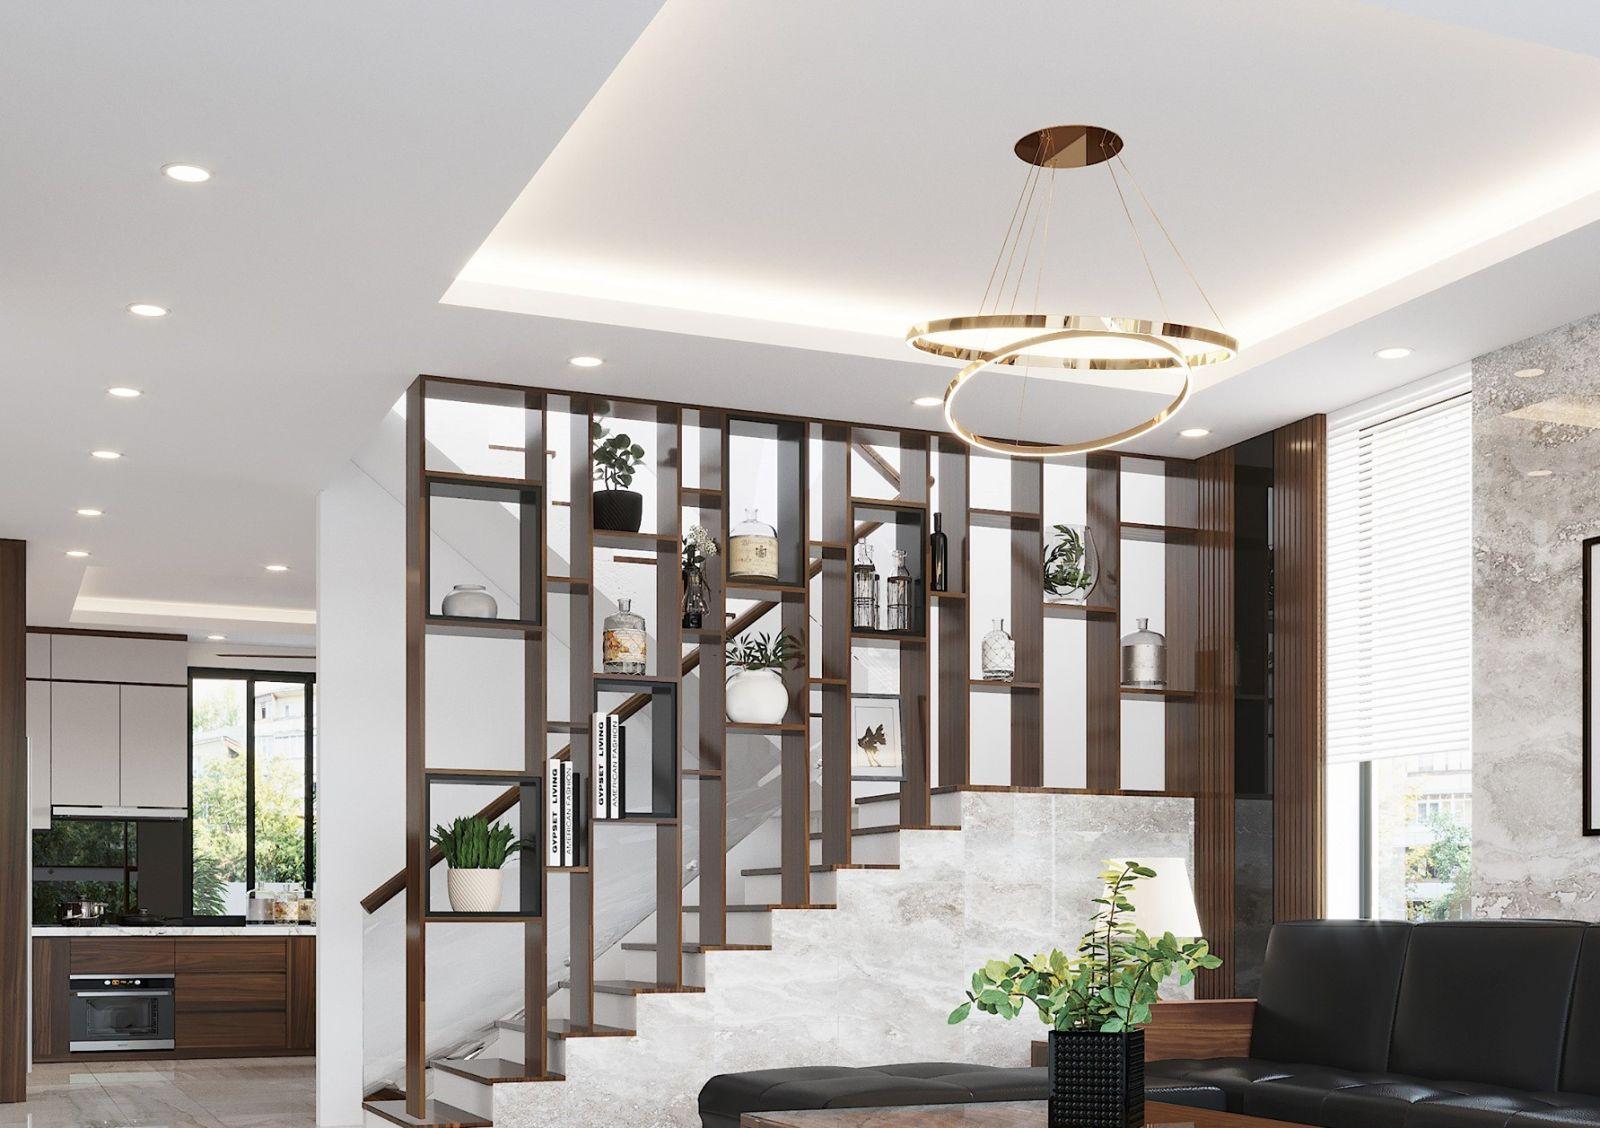 Những mẫu vách ngăn giữa phòng khách và cầu thang được ưa chuộng nhất!